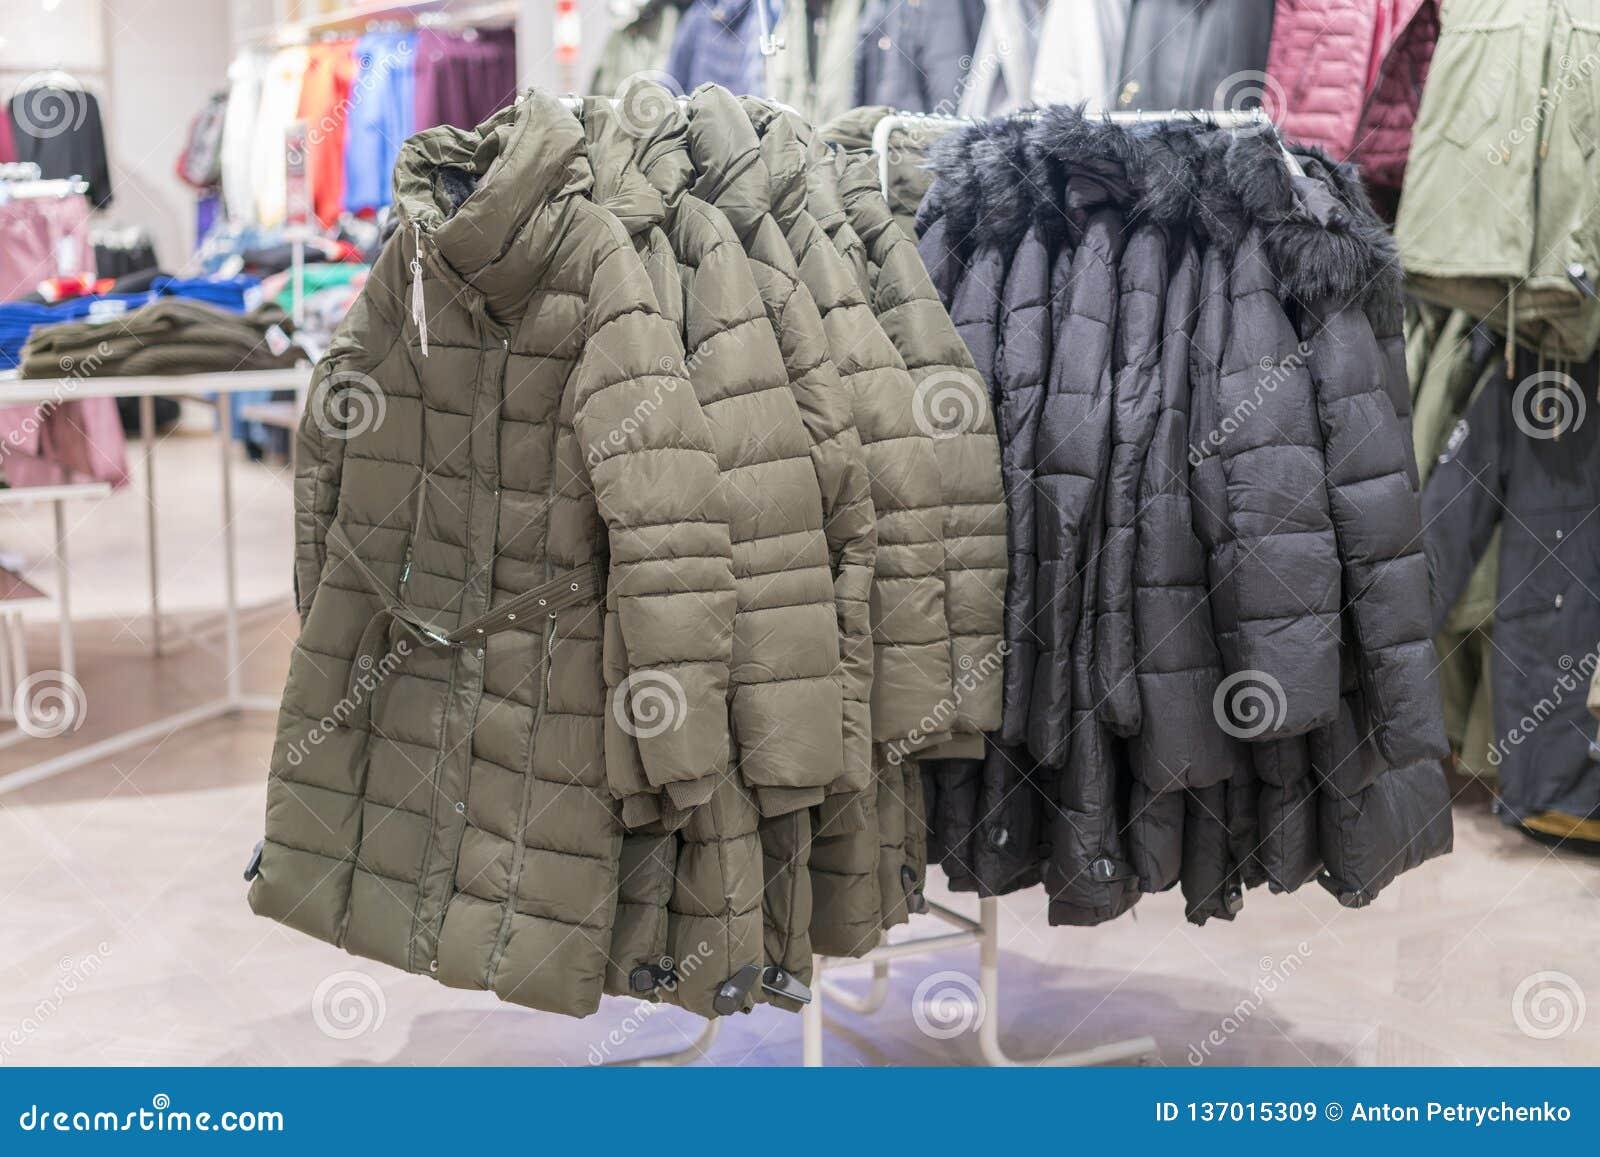 Placez Des Vêtements, Manteau Sur L'intérieur De Magasin D